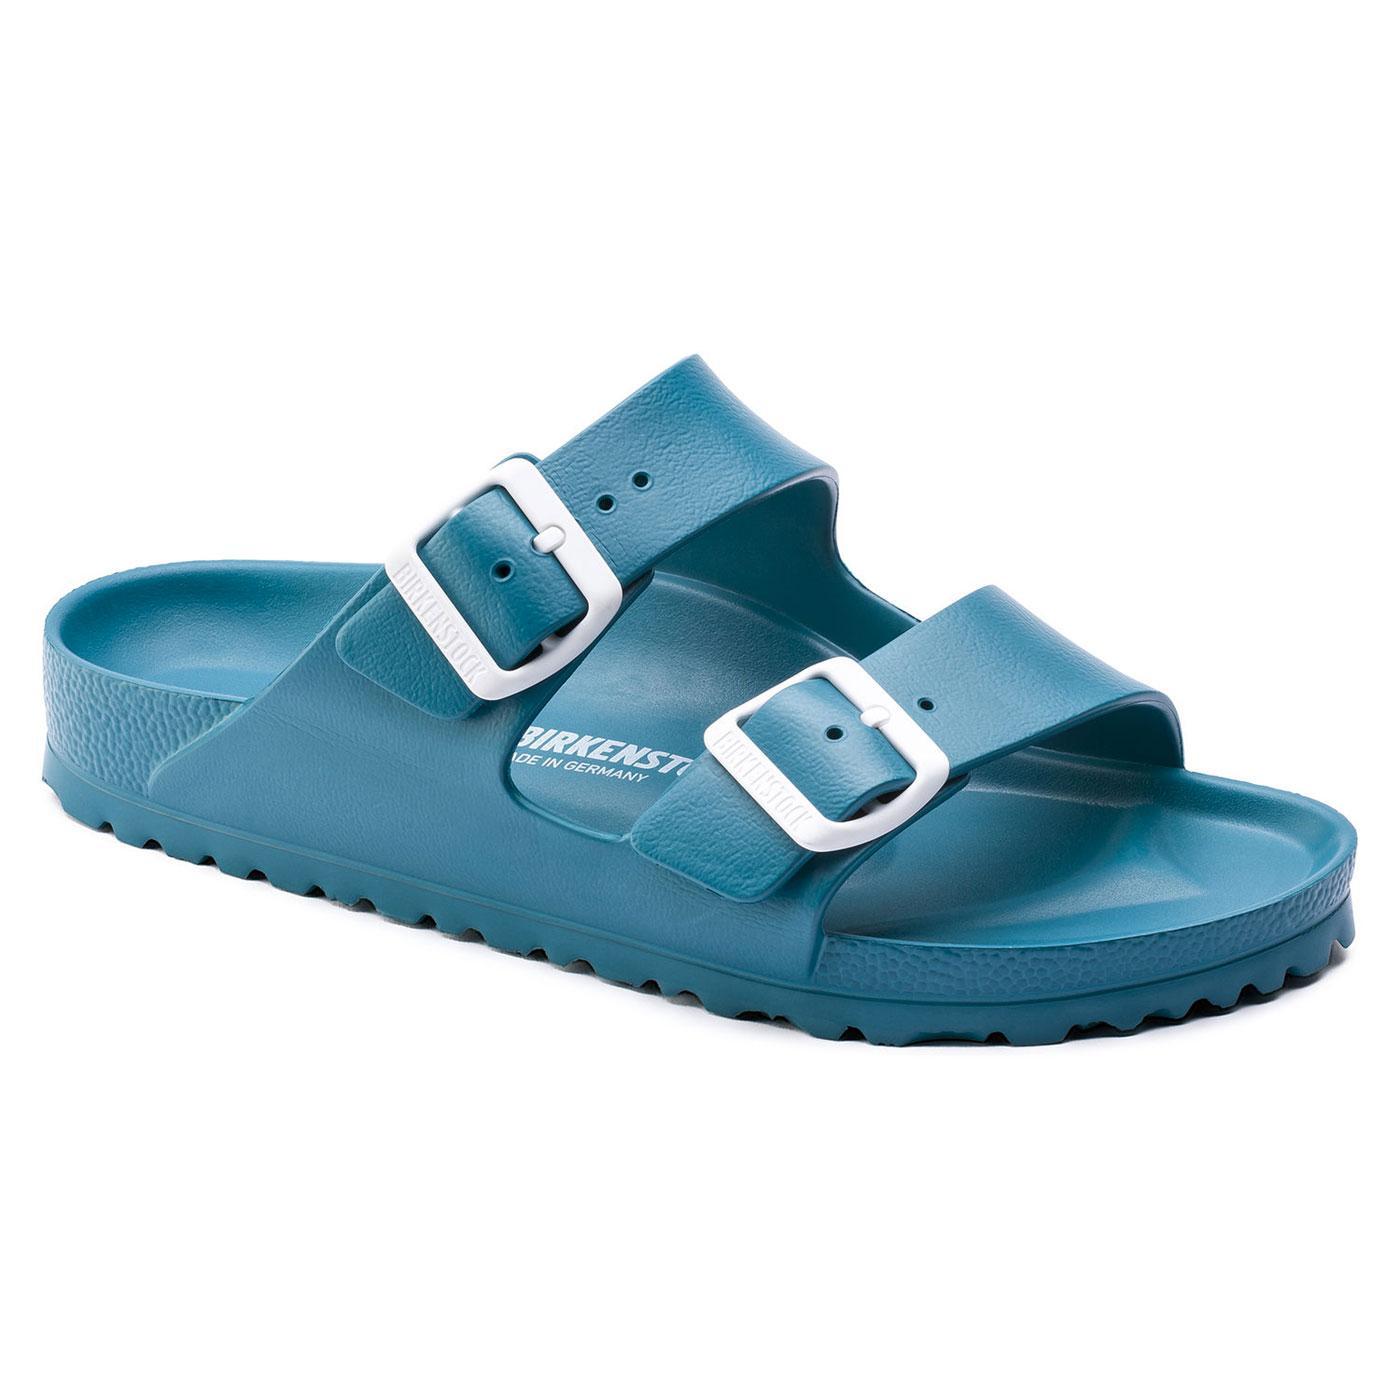 9012769c555c BIRKENSTOCK Arizona EVA Waterproof Sandals in Turquoise